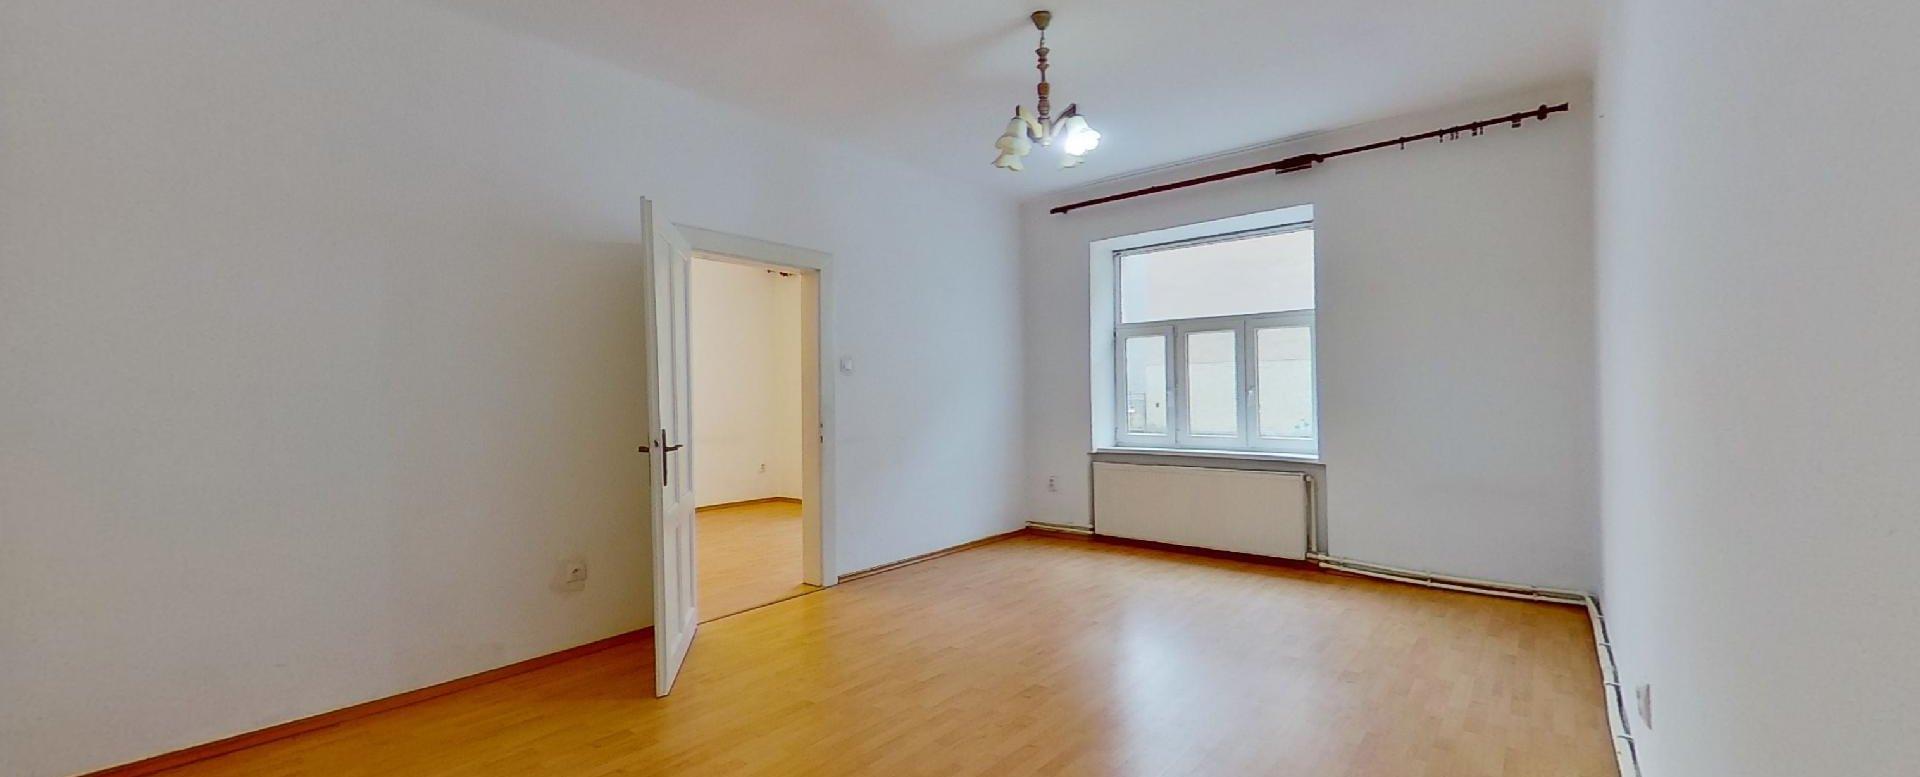 Pohľad do izby 1